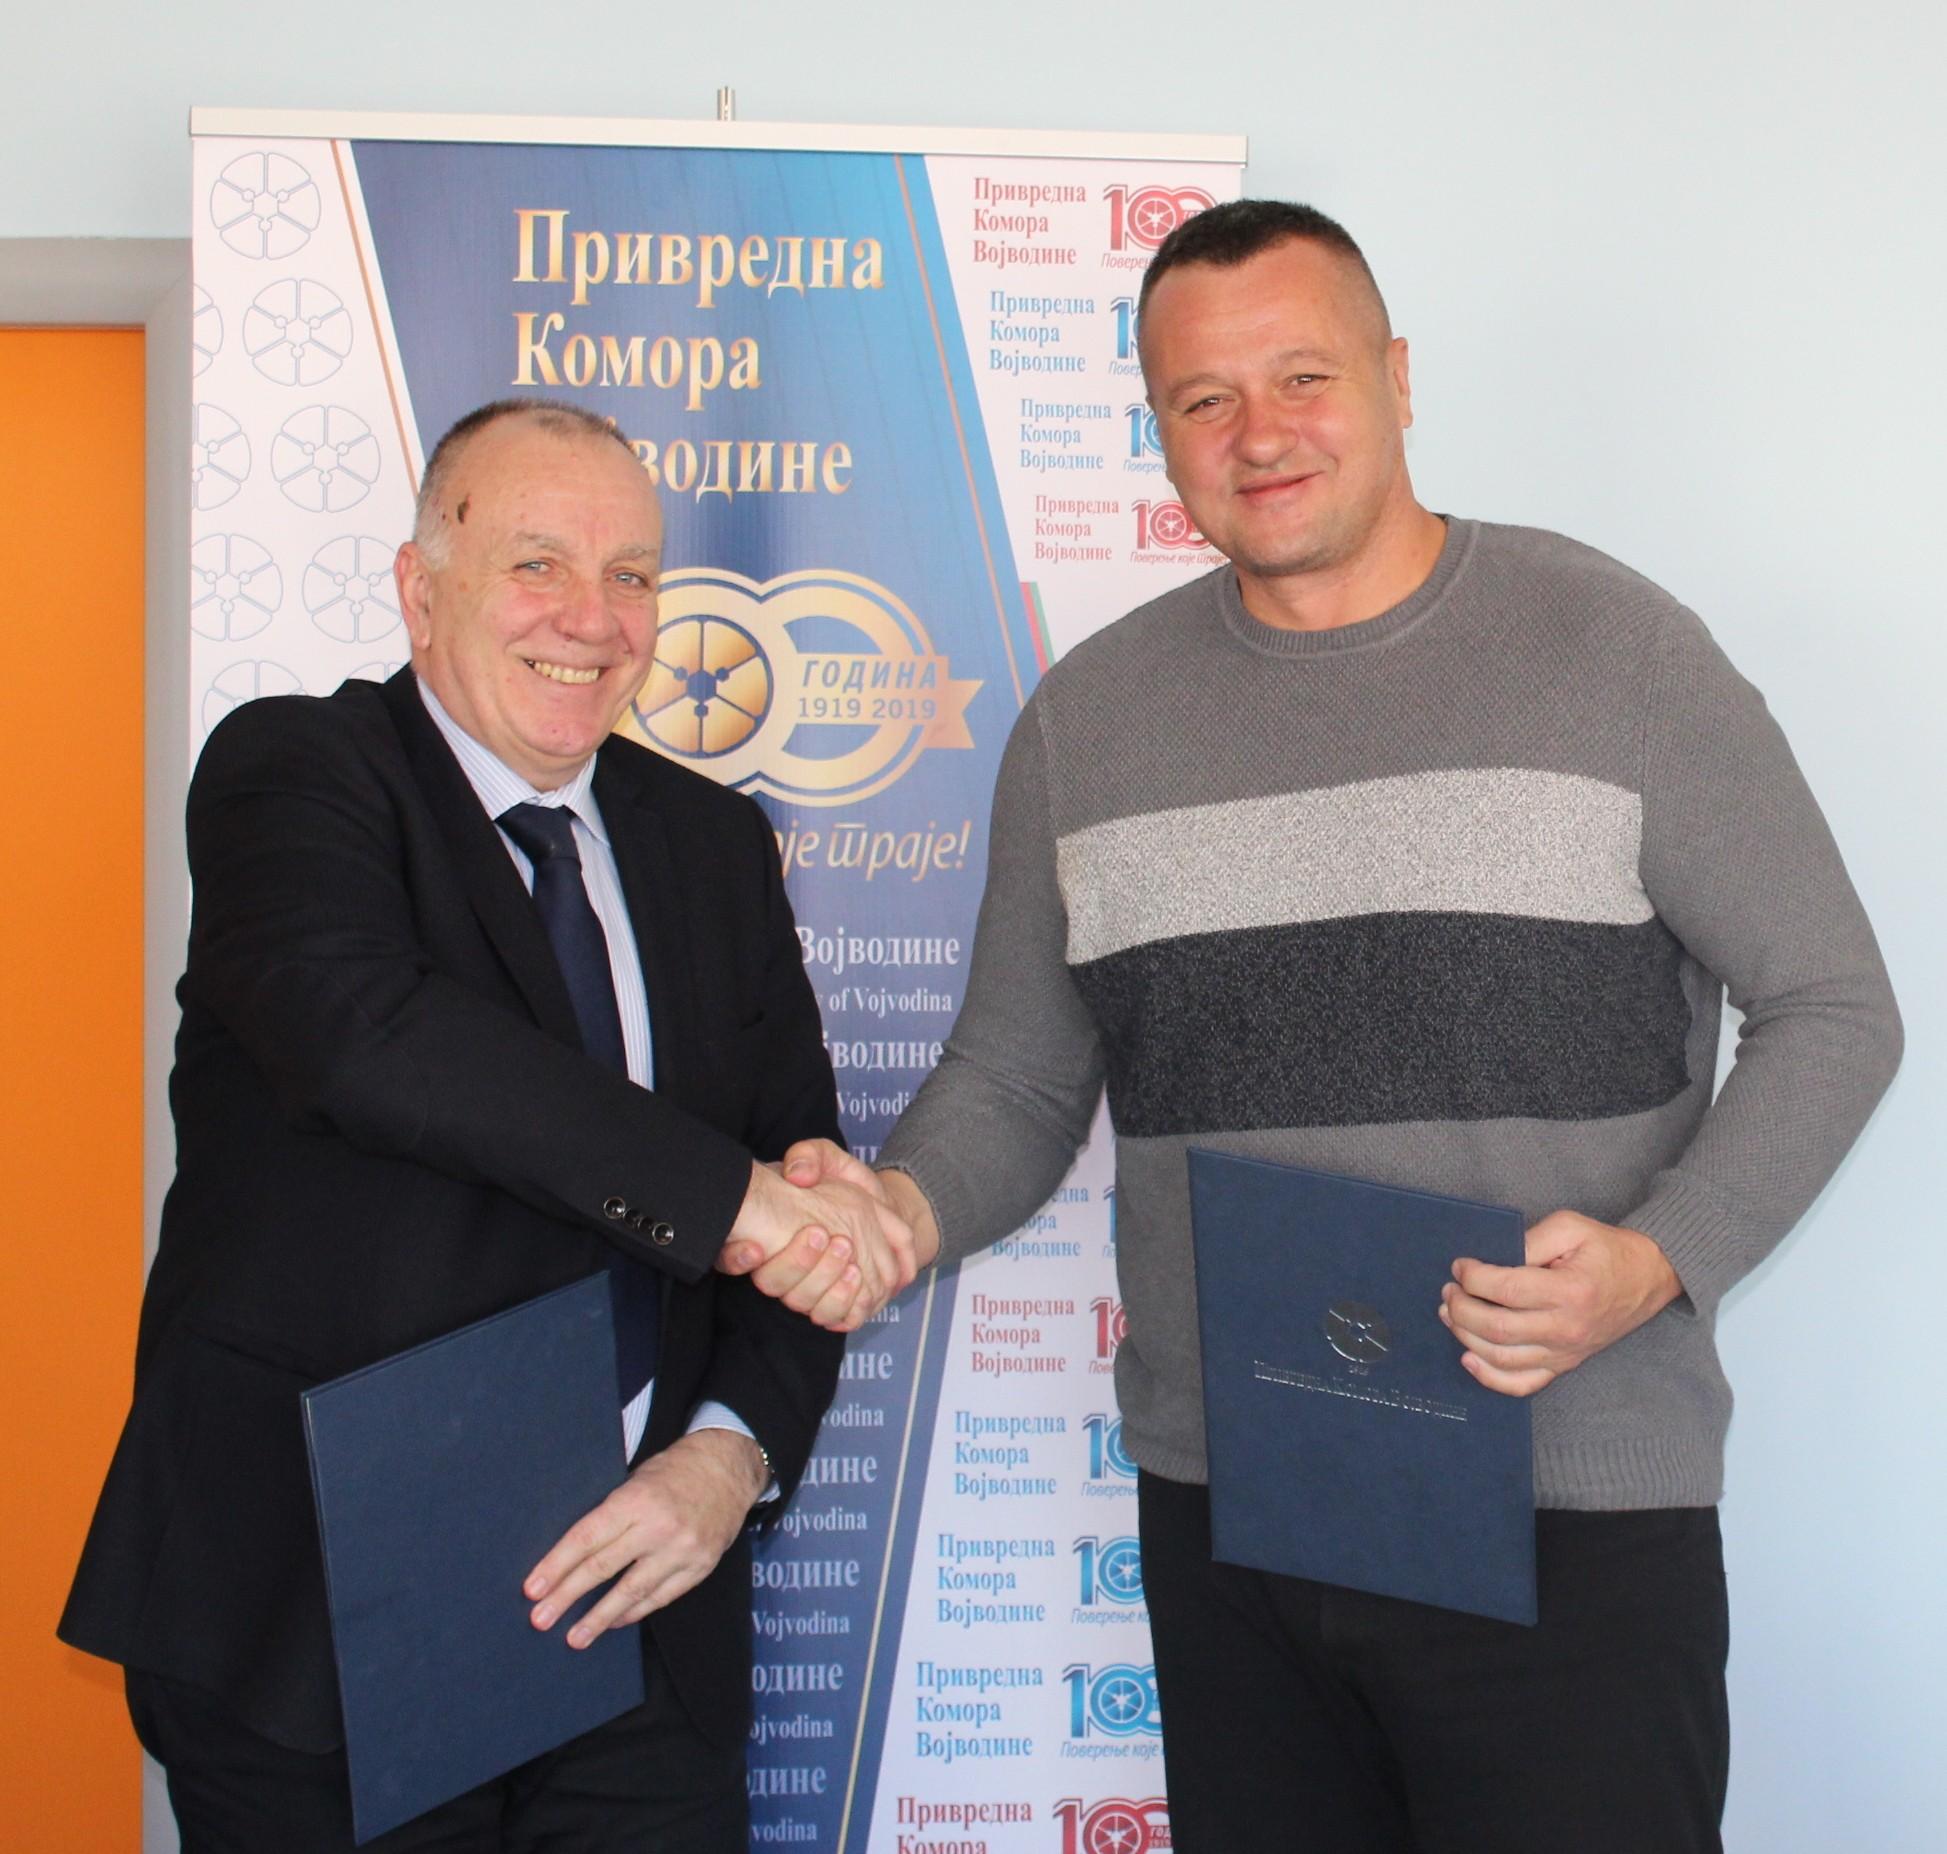 """Привредна комора Војводине озваничила сарадњу са """"Color media international"""""""